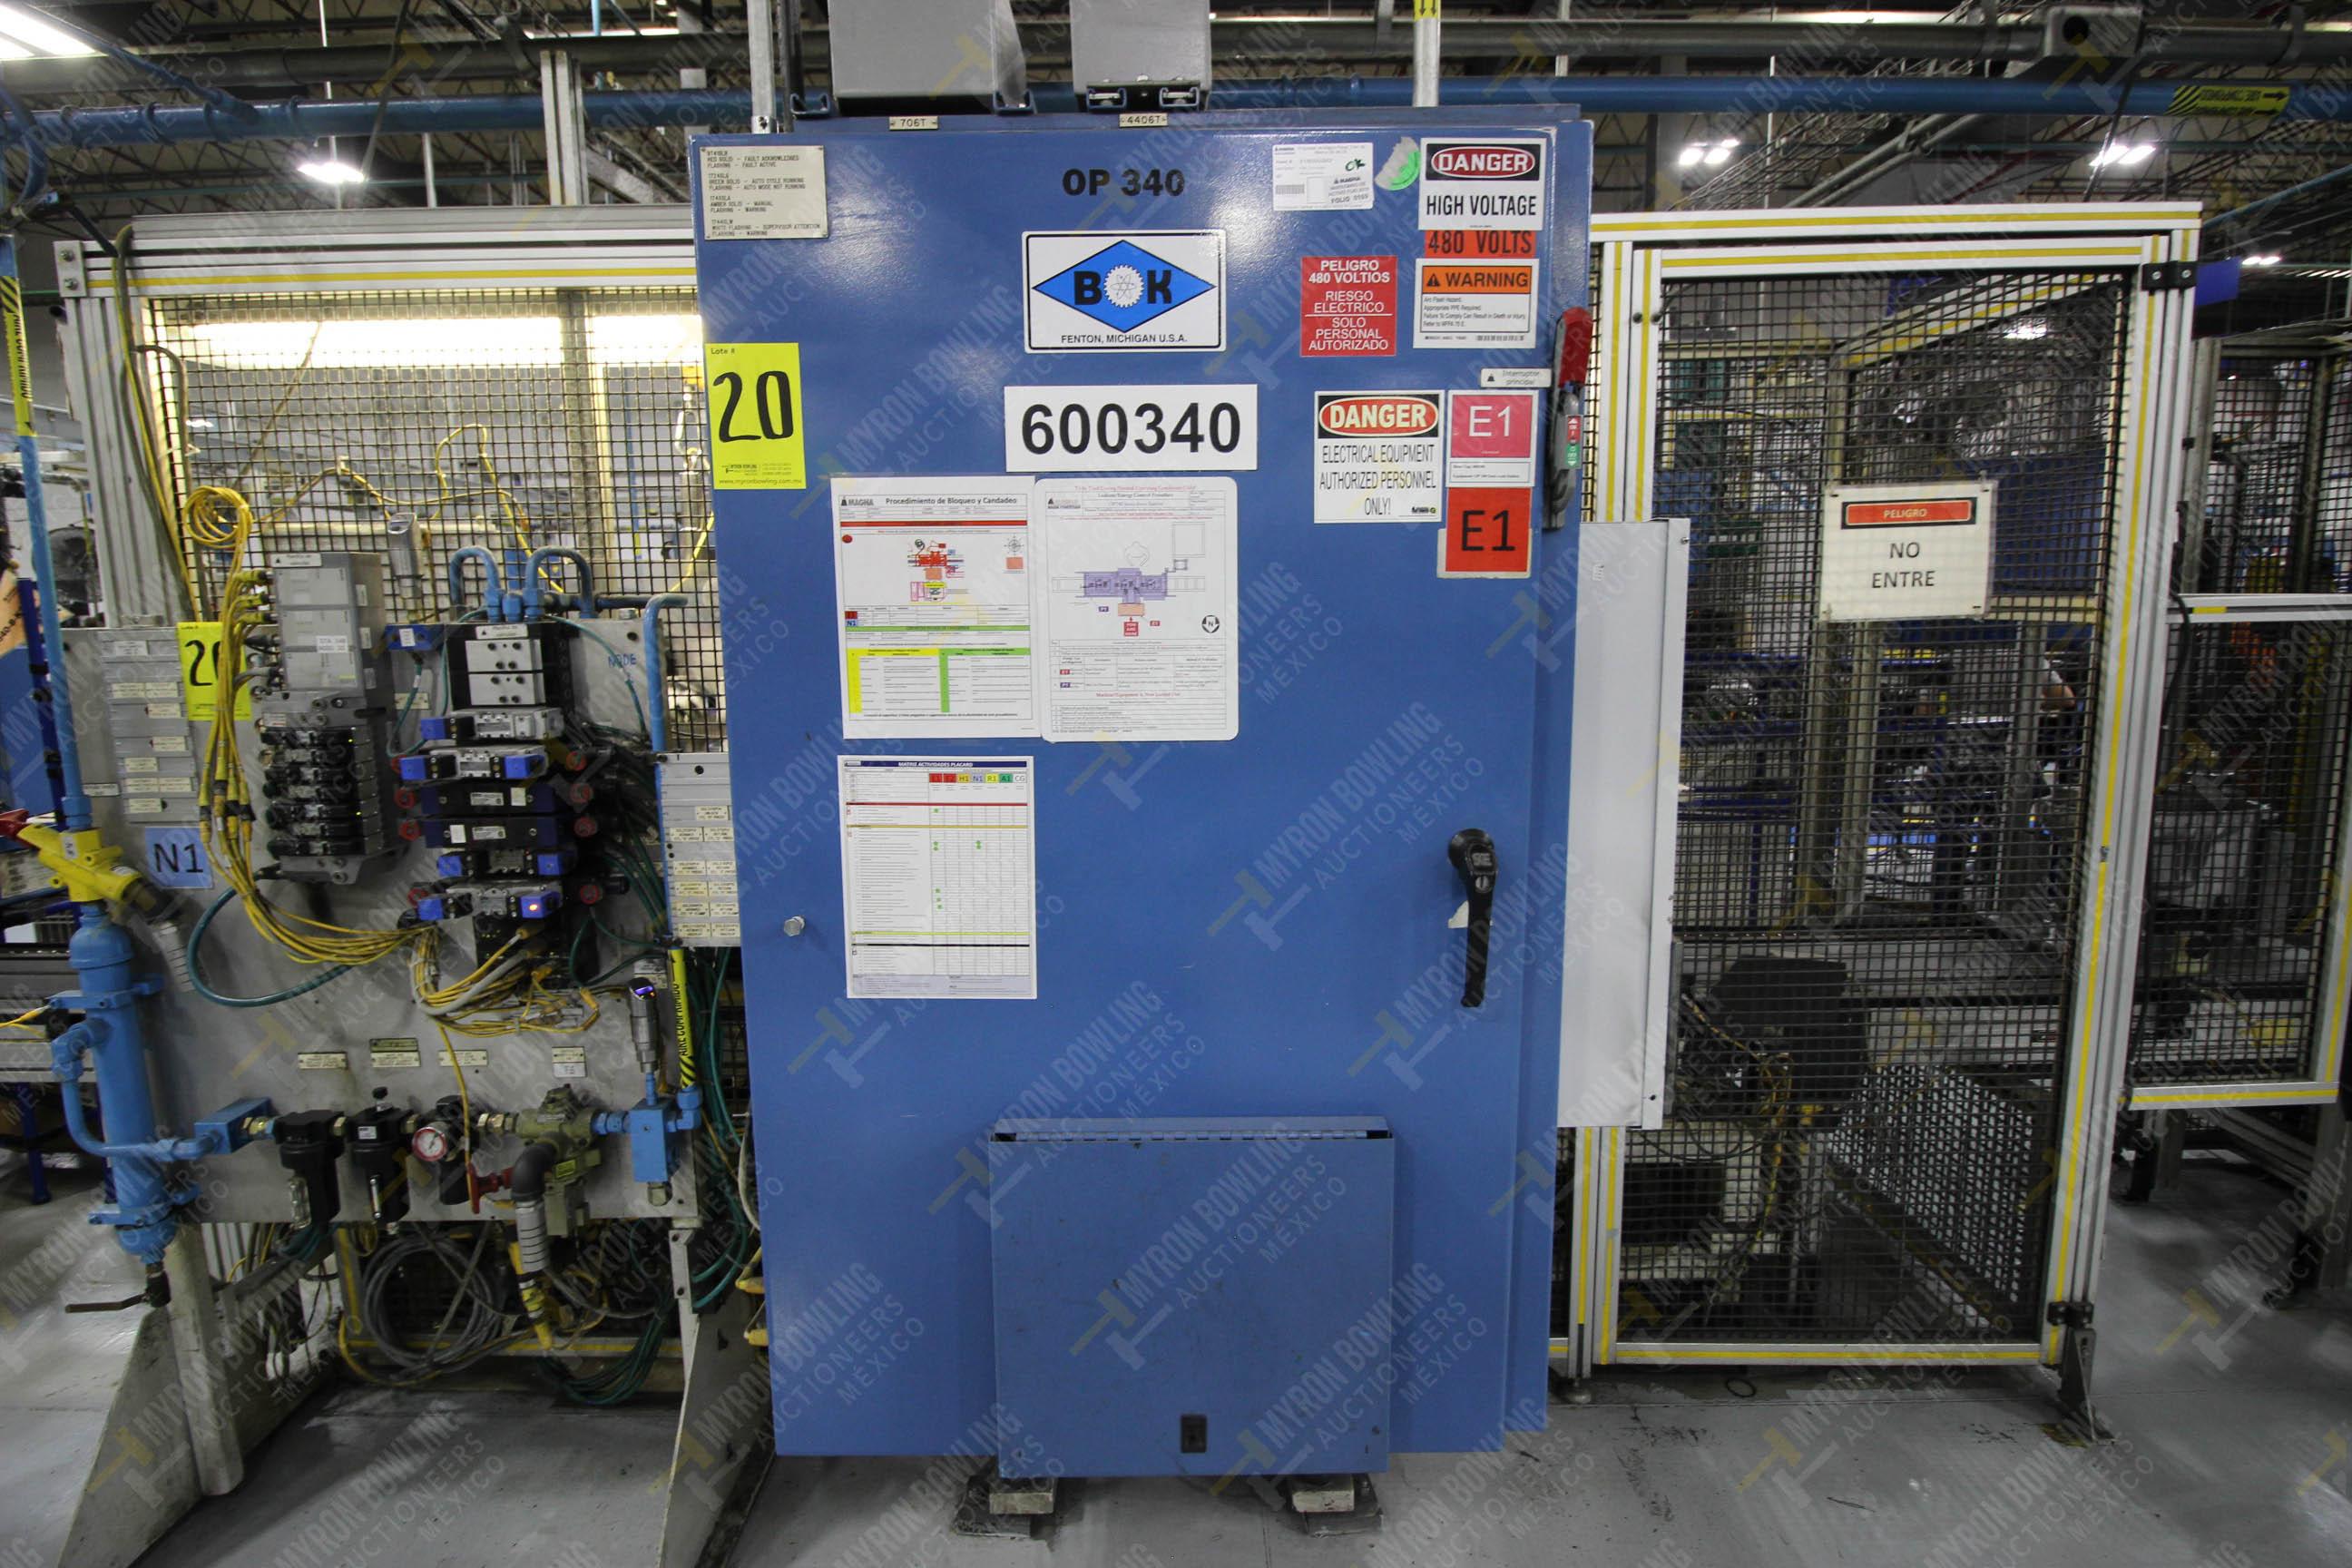 Estación semiautomática para operación 340, contiene: Prensa en estructura de placa de acero - Image 22 of 32